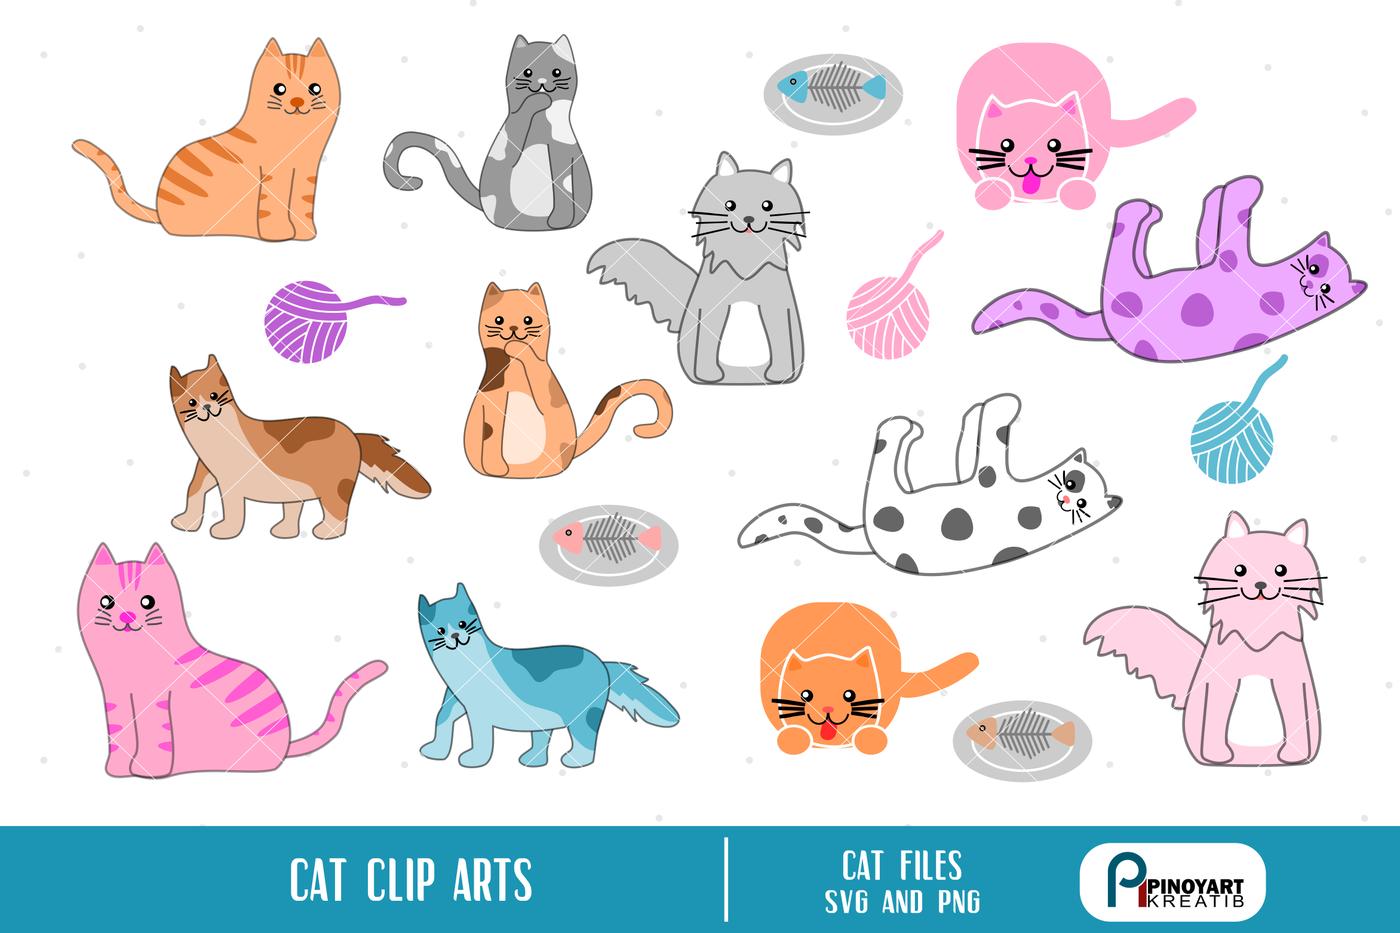 Cat Clip Art Cat Svg Cat Clip Art Cat Svg File Cat Print Cat Png